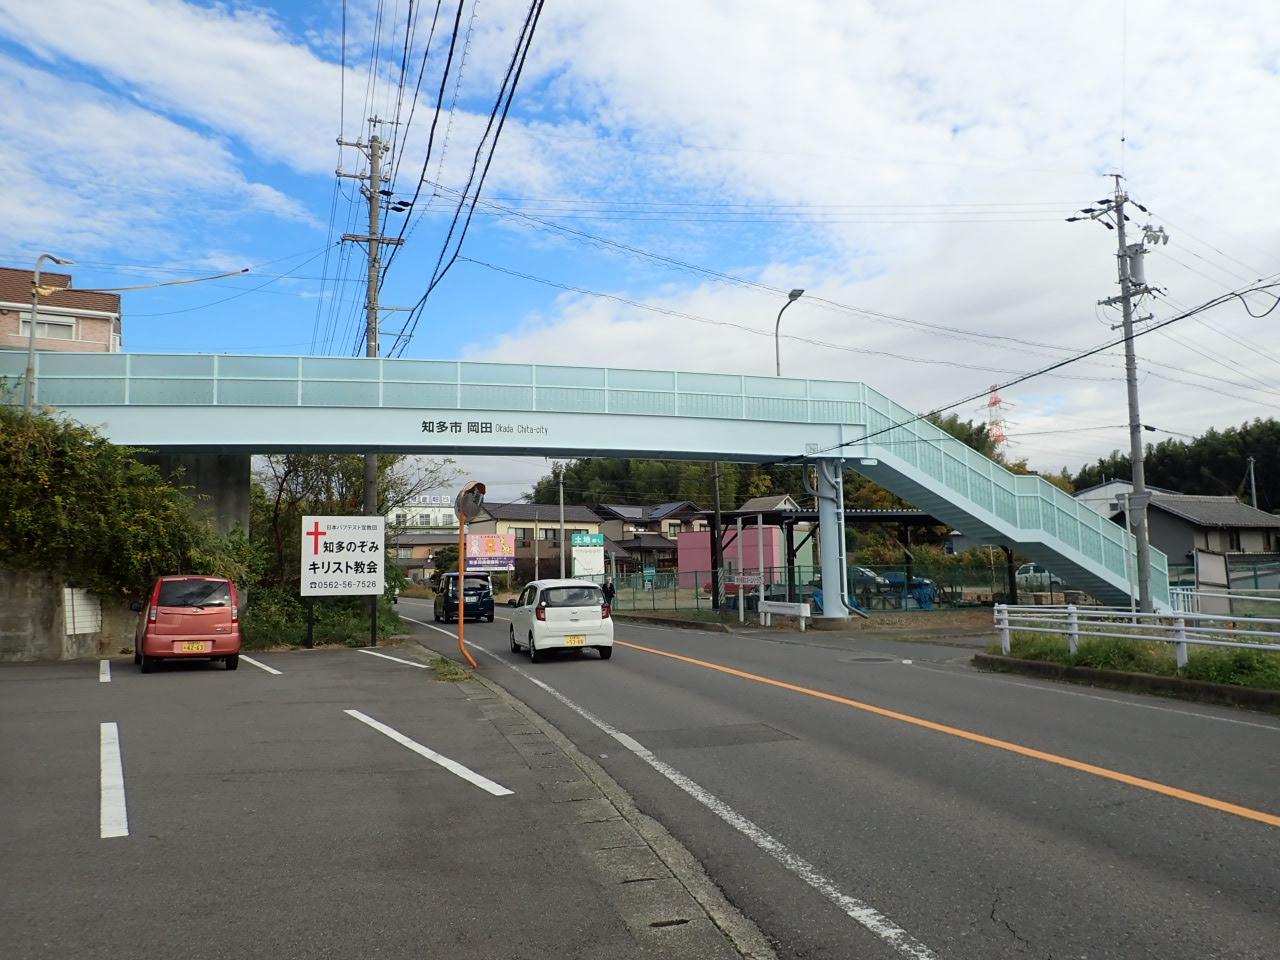 仲田横断歩道橋(愛知県)